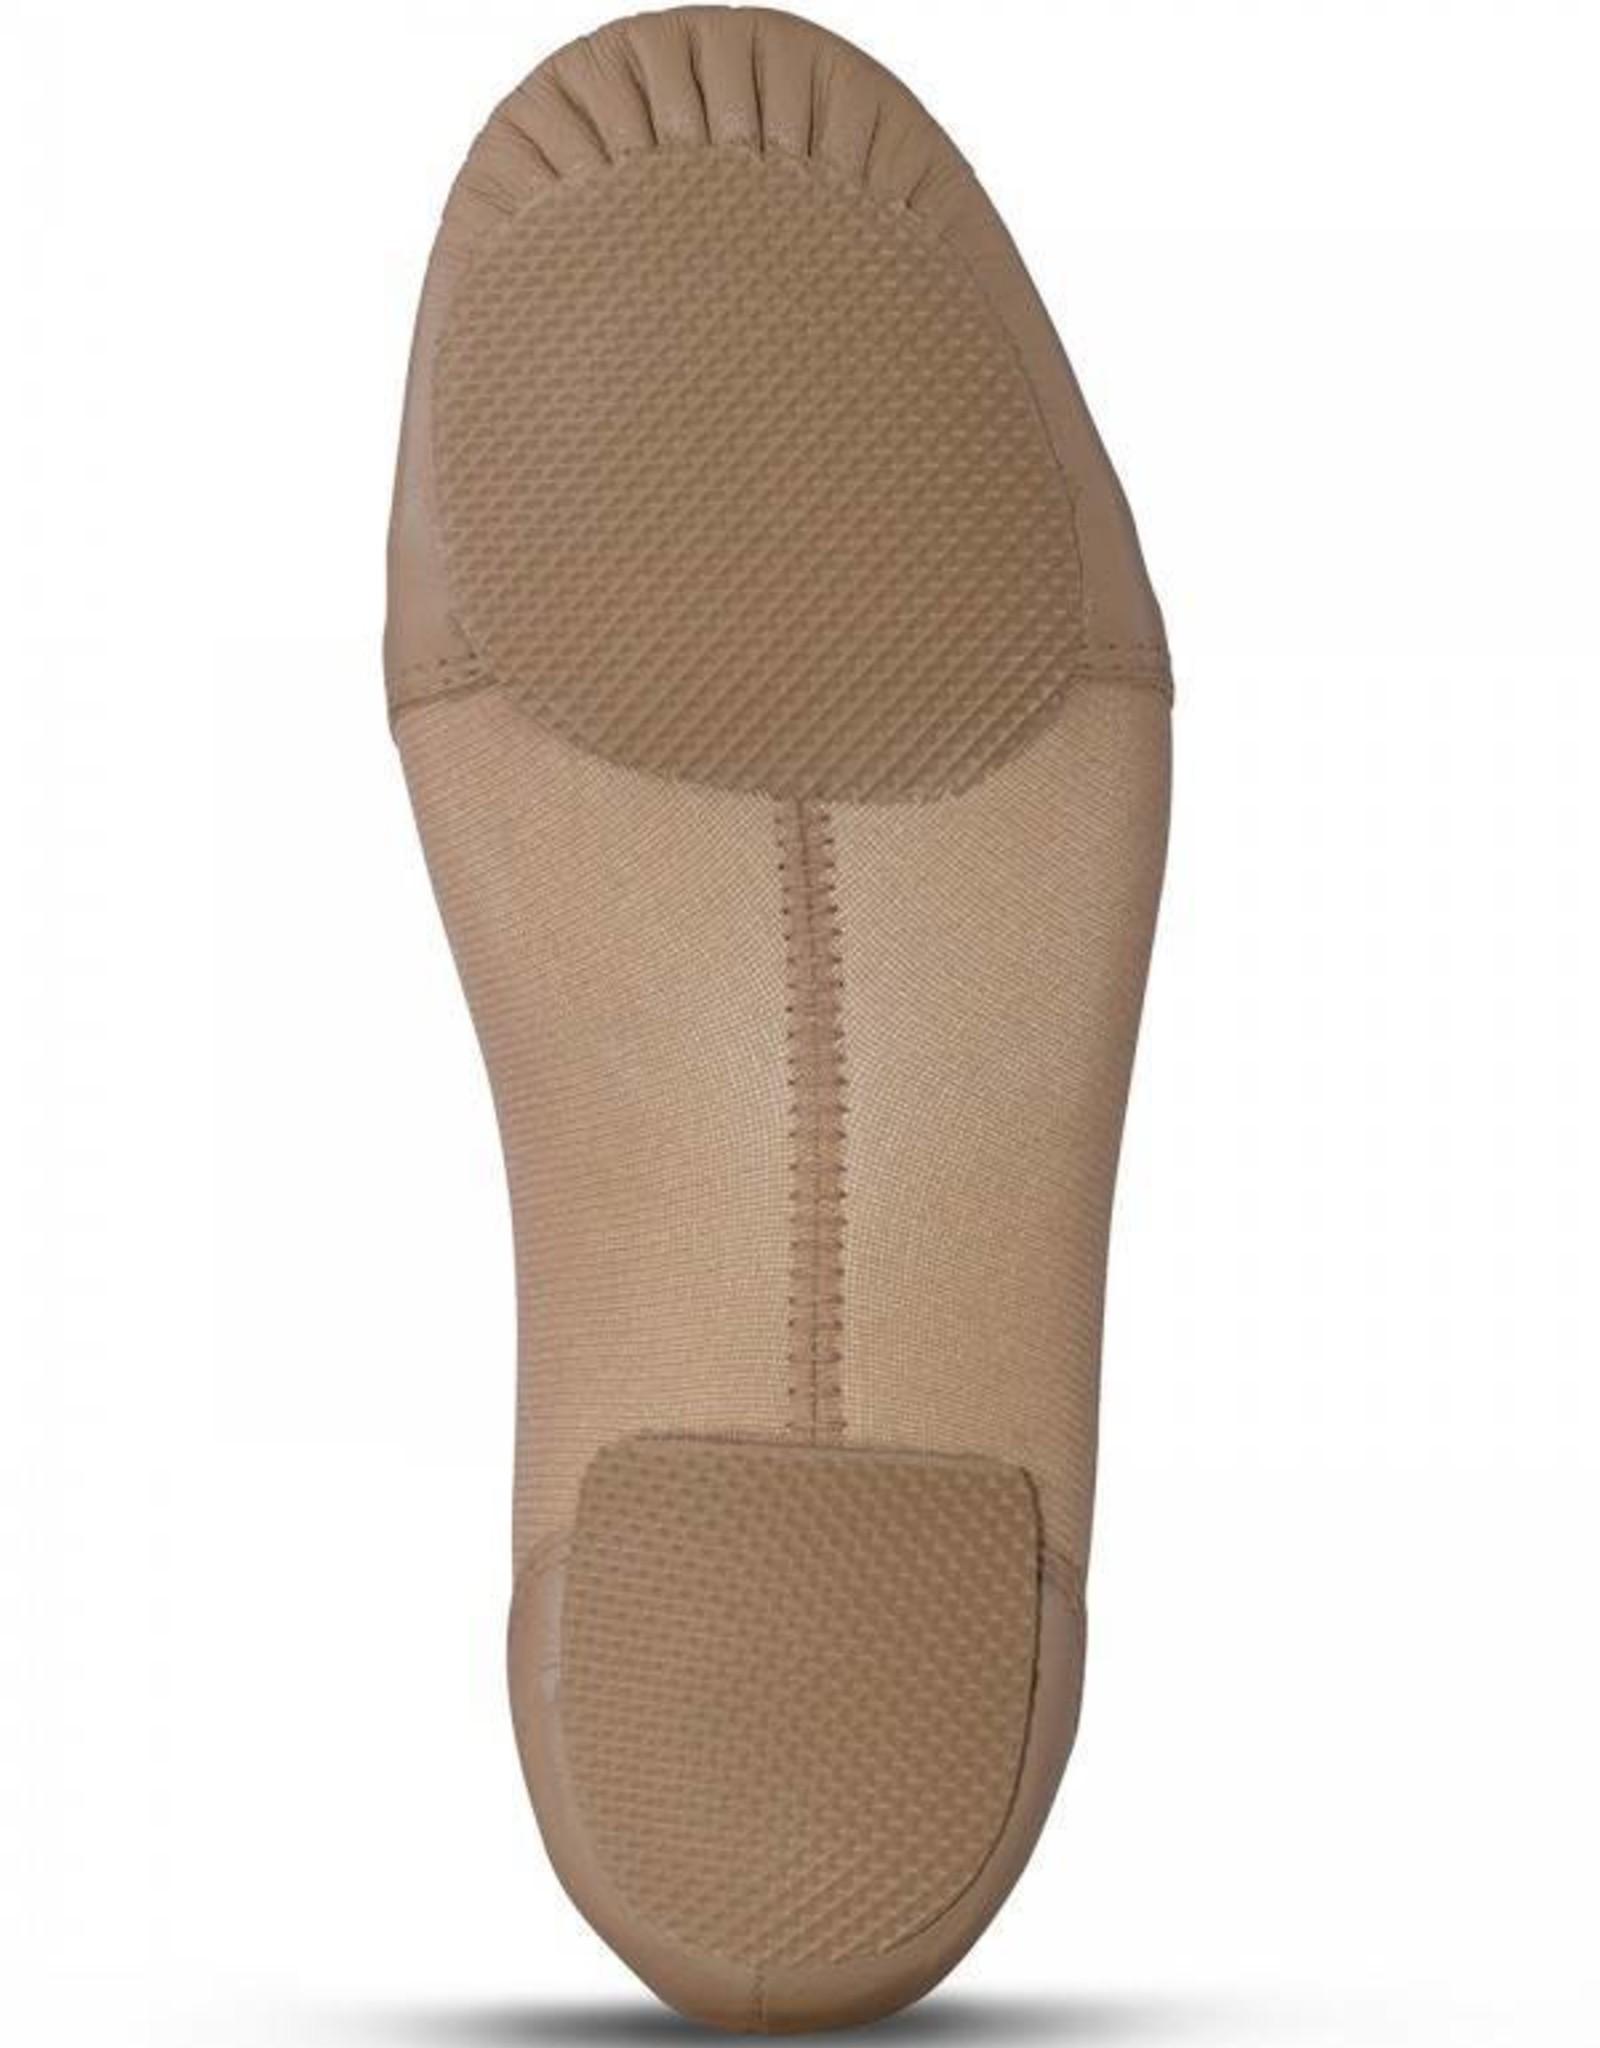 Bloch Spark Jazz Shoe